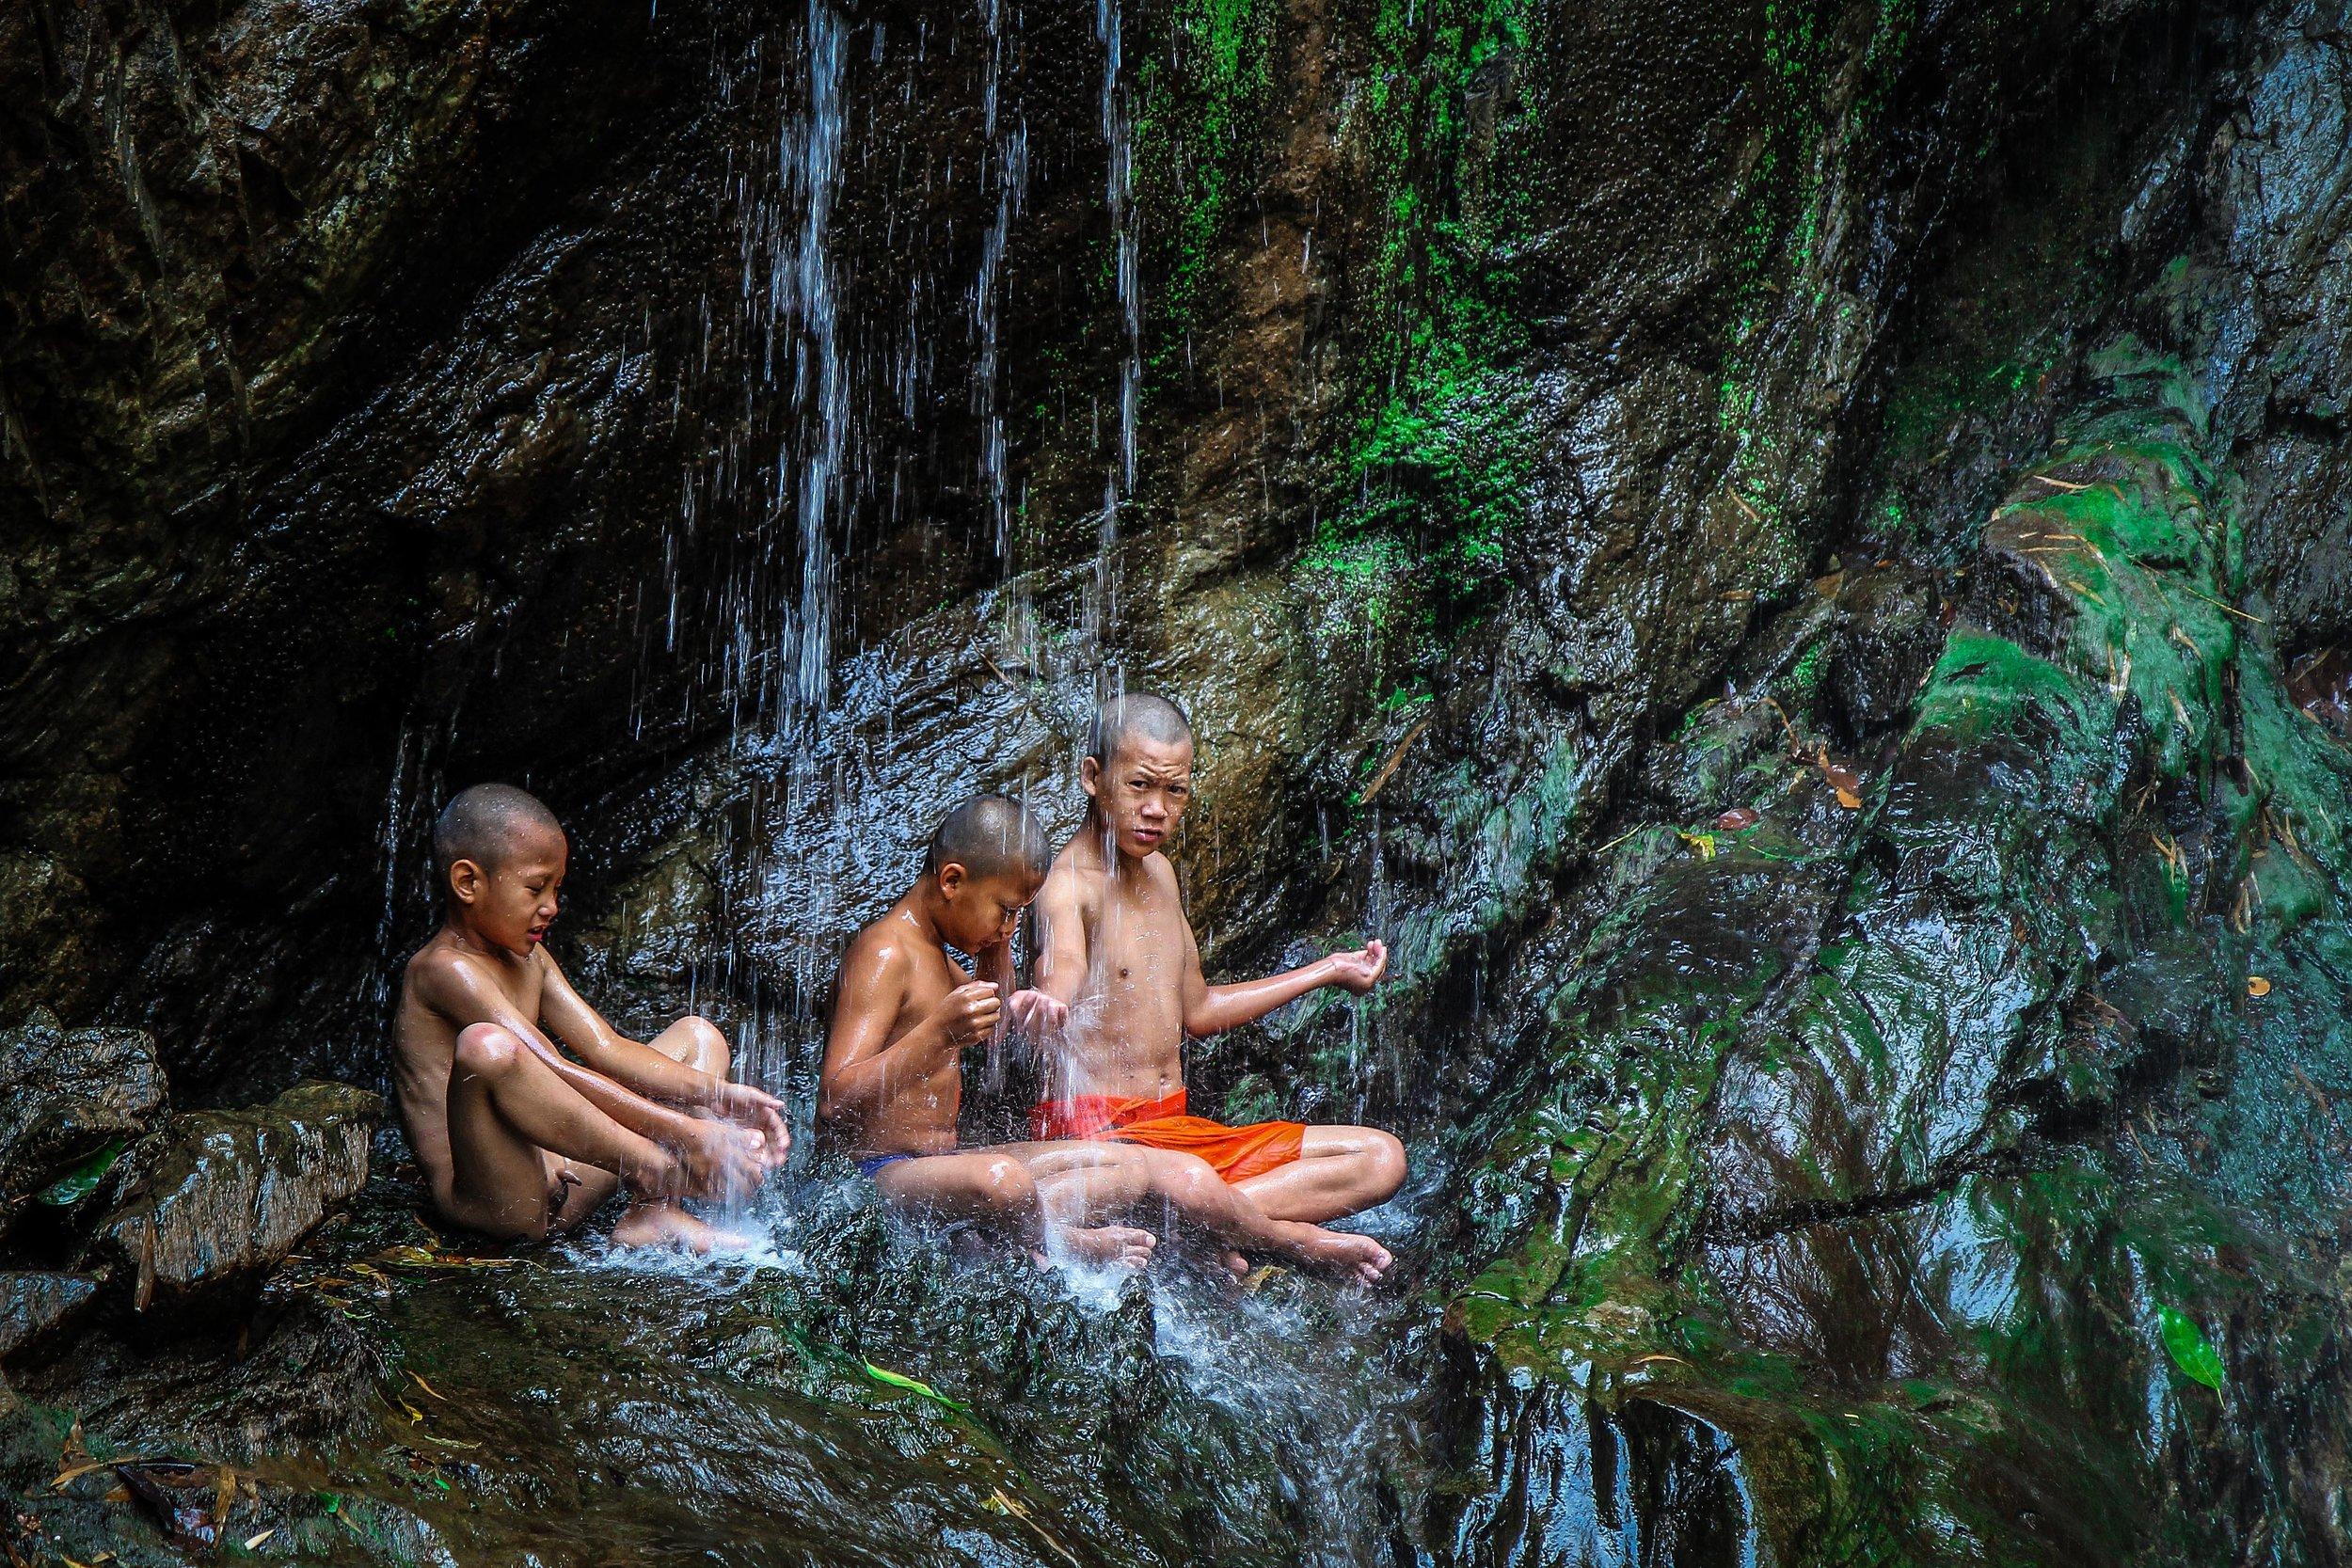 Thailand_Chiangmai_Reizen_met_kinderen_noord (85 van 97).jpg